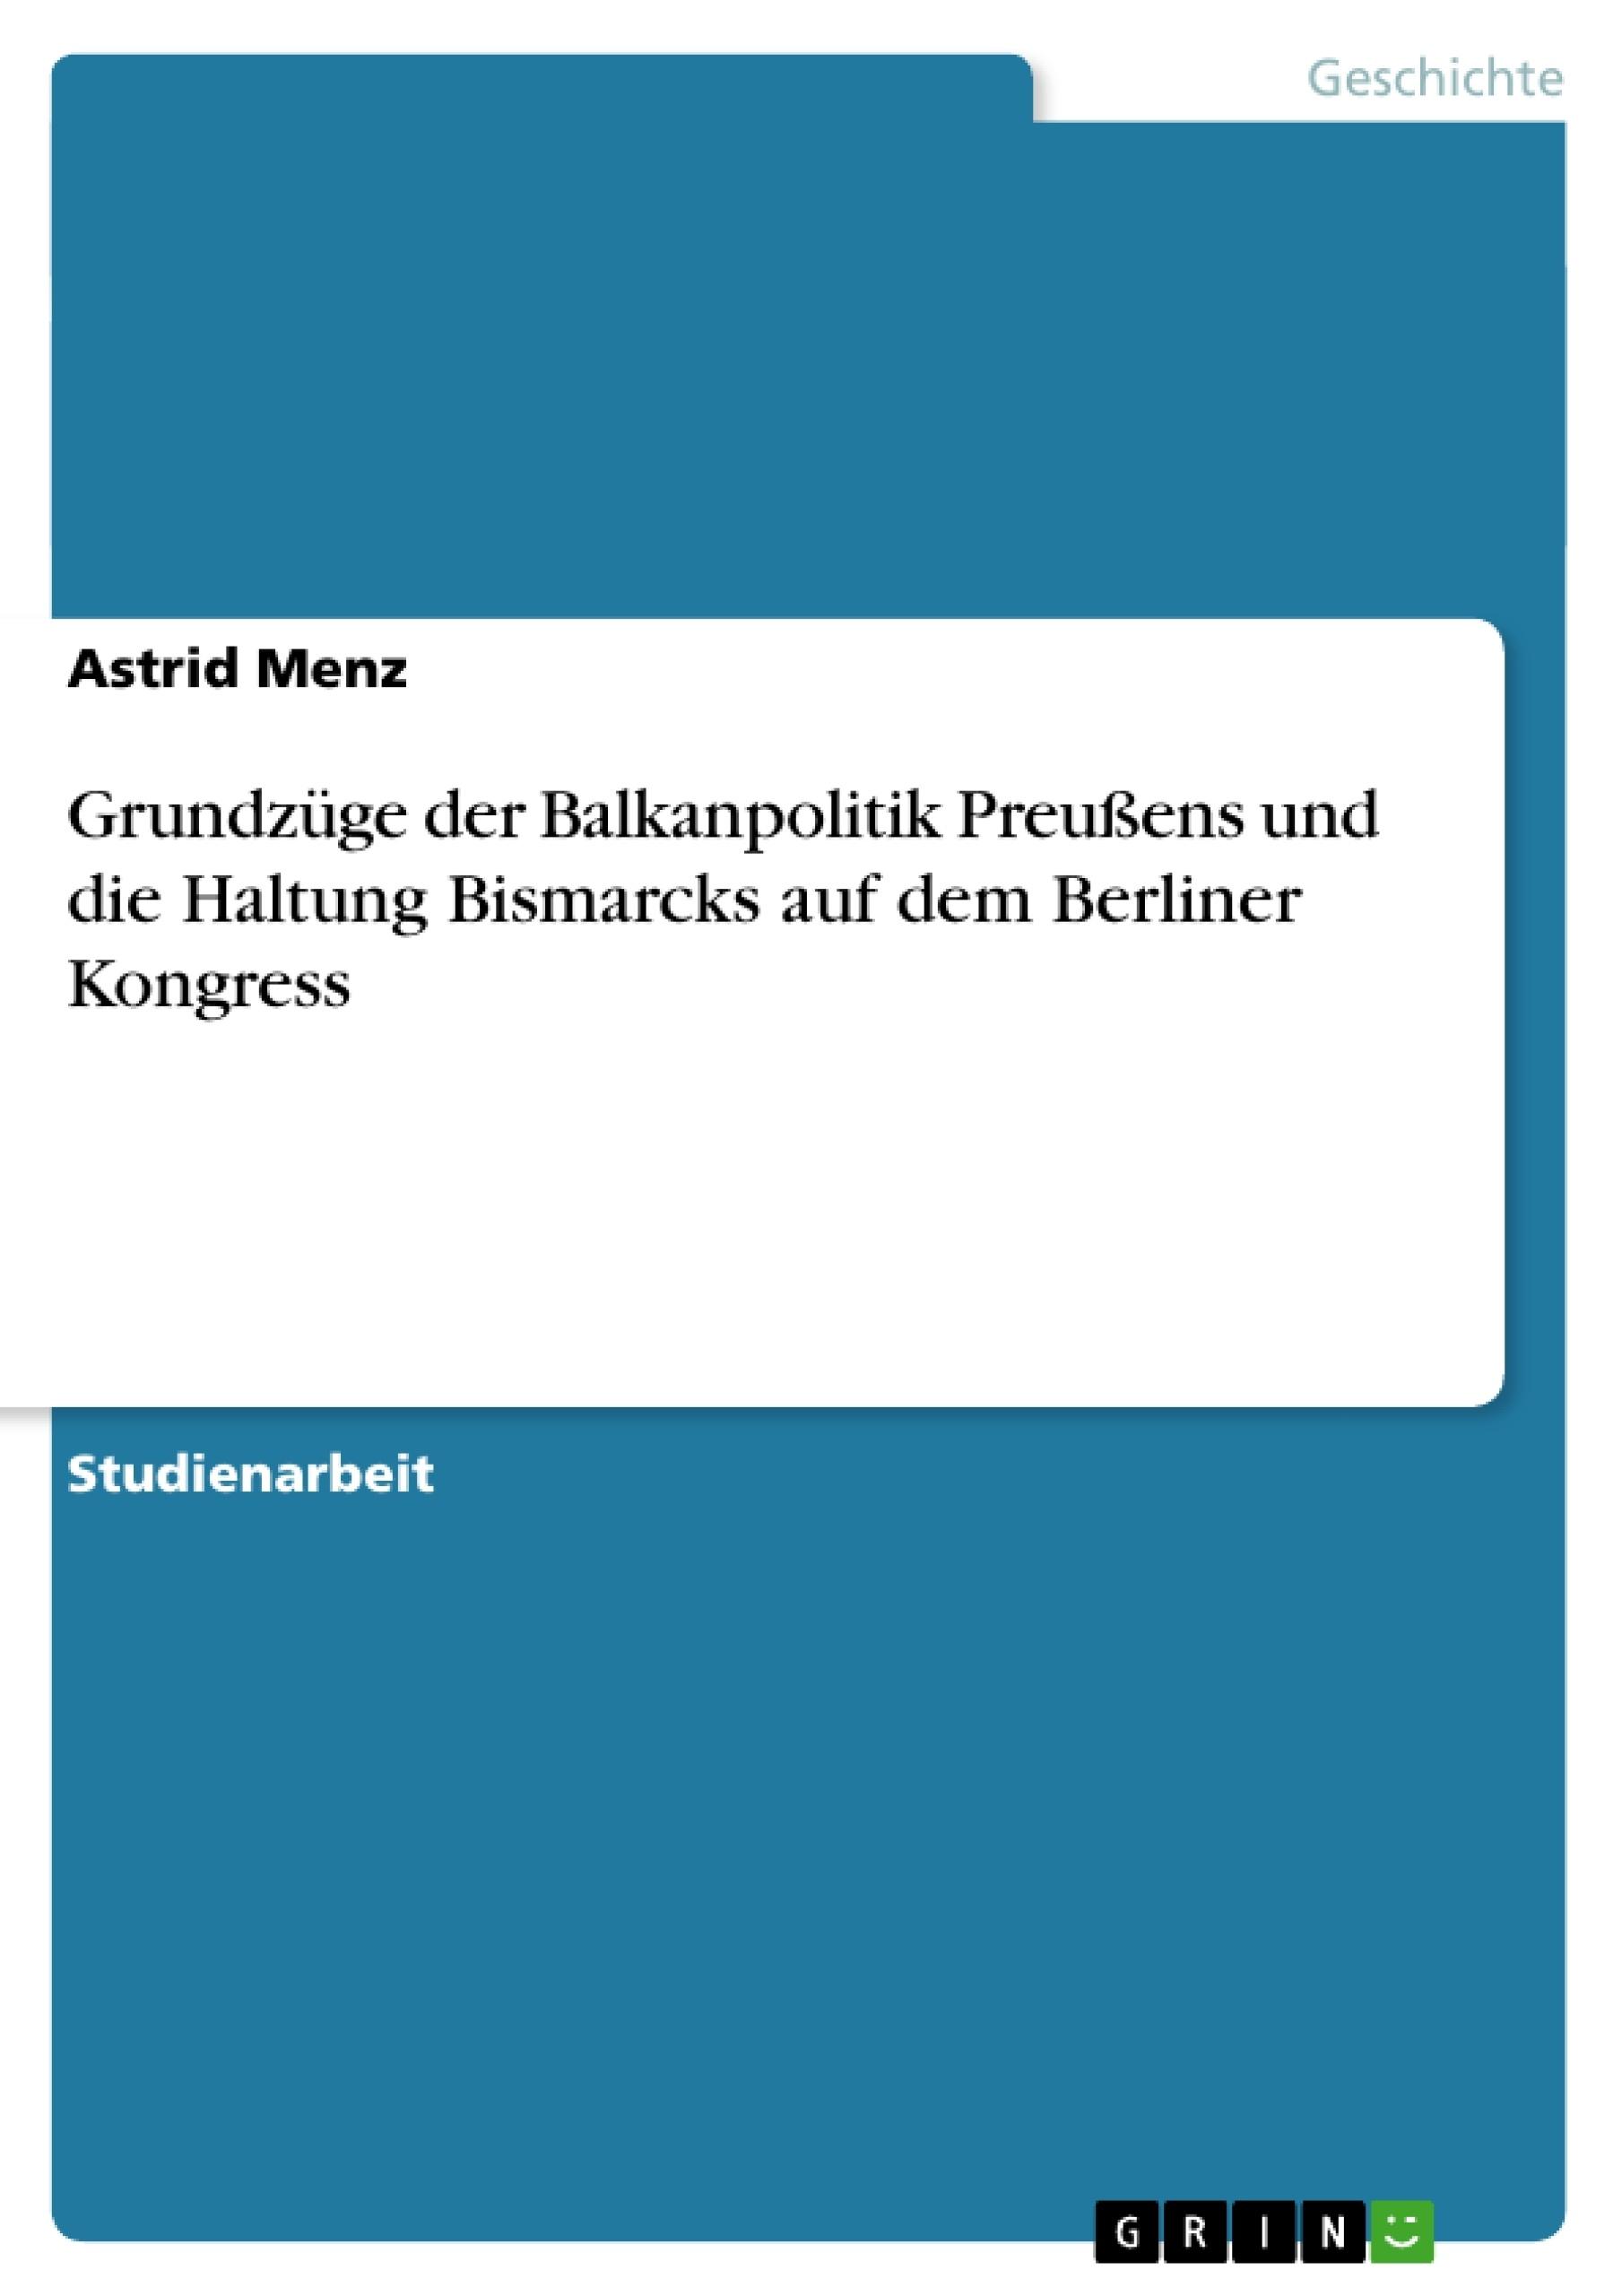 Titel: Grundzüge der Balkanpolitik Preußens und die Haltung Bismarcks auf dem Berliner Kongress